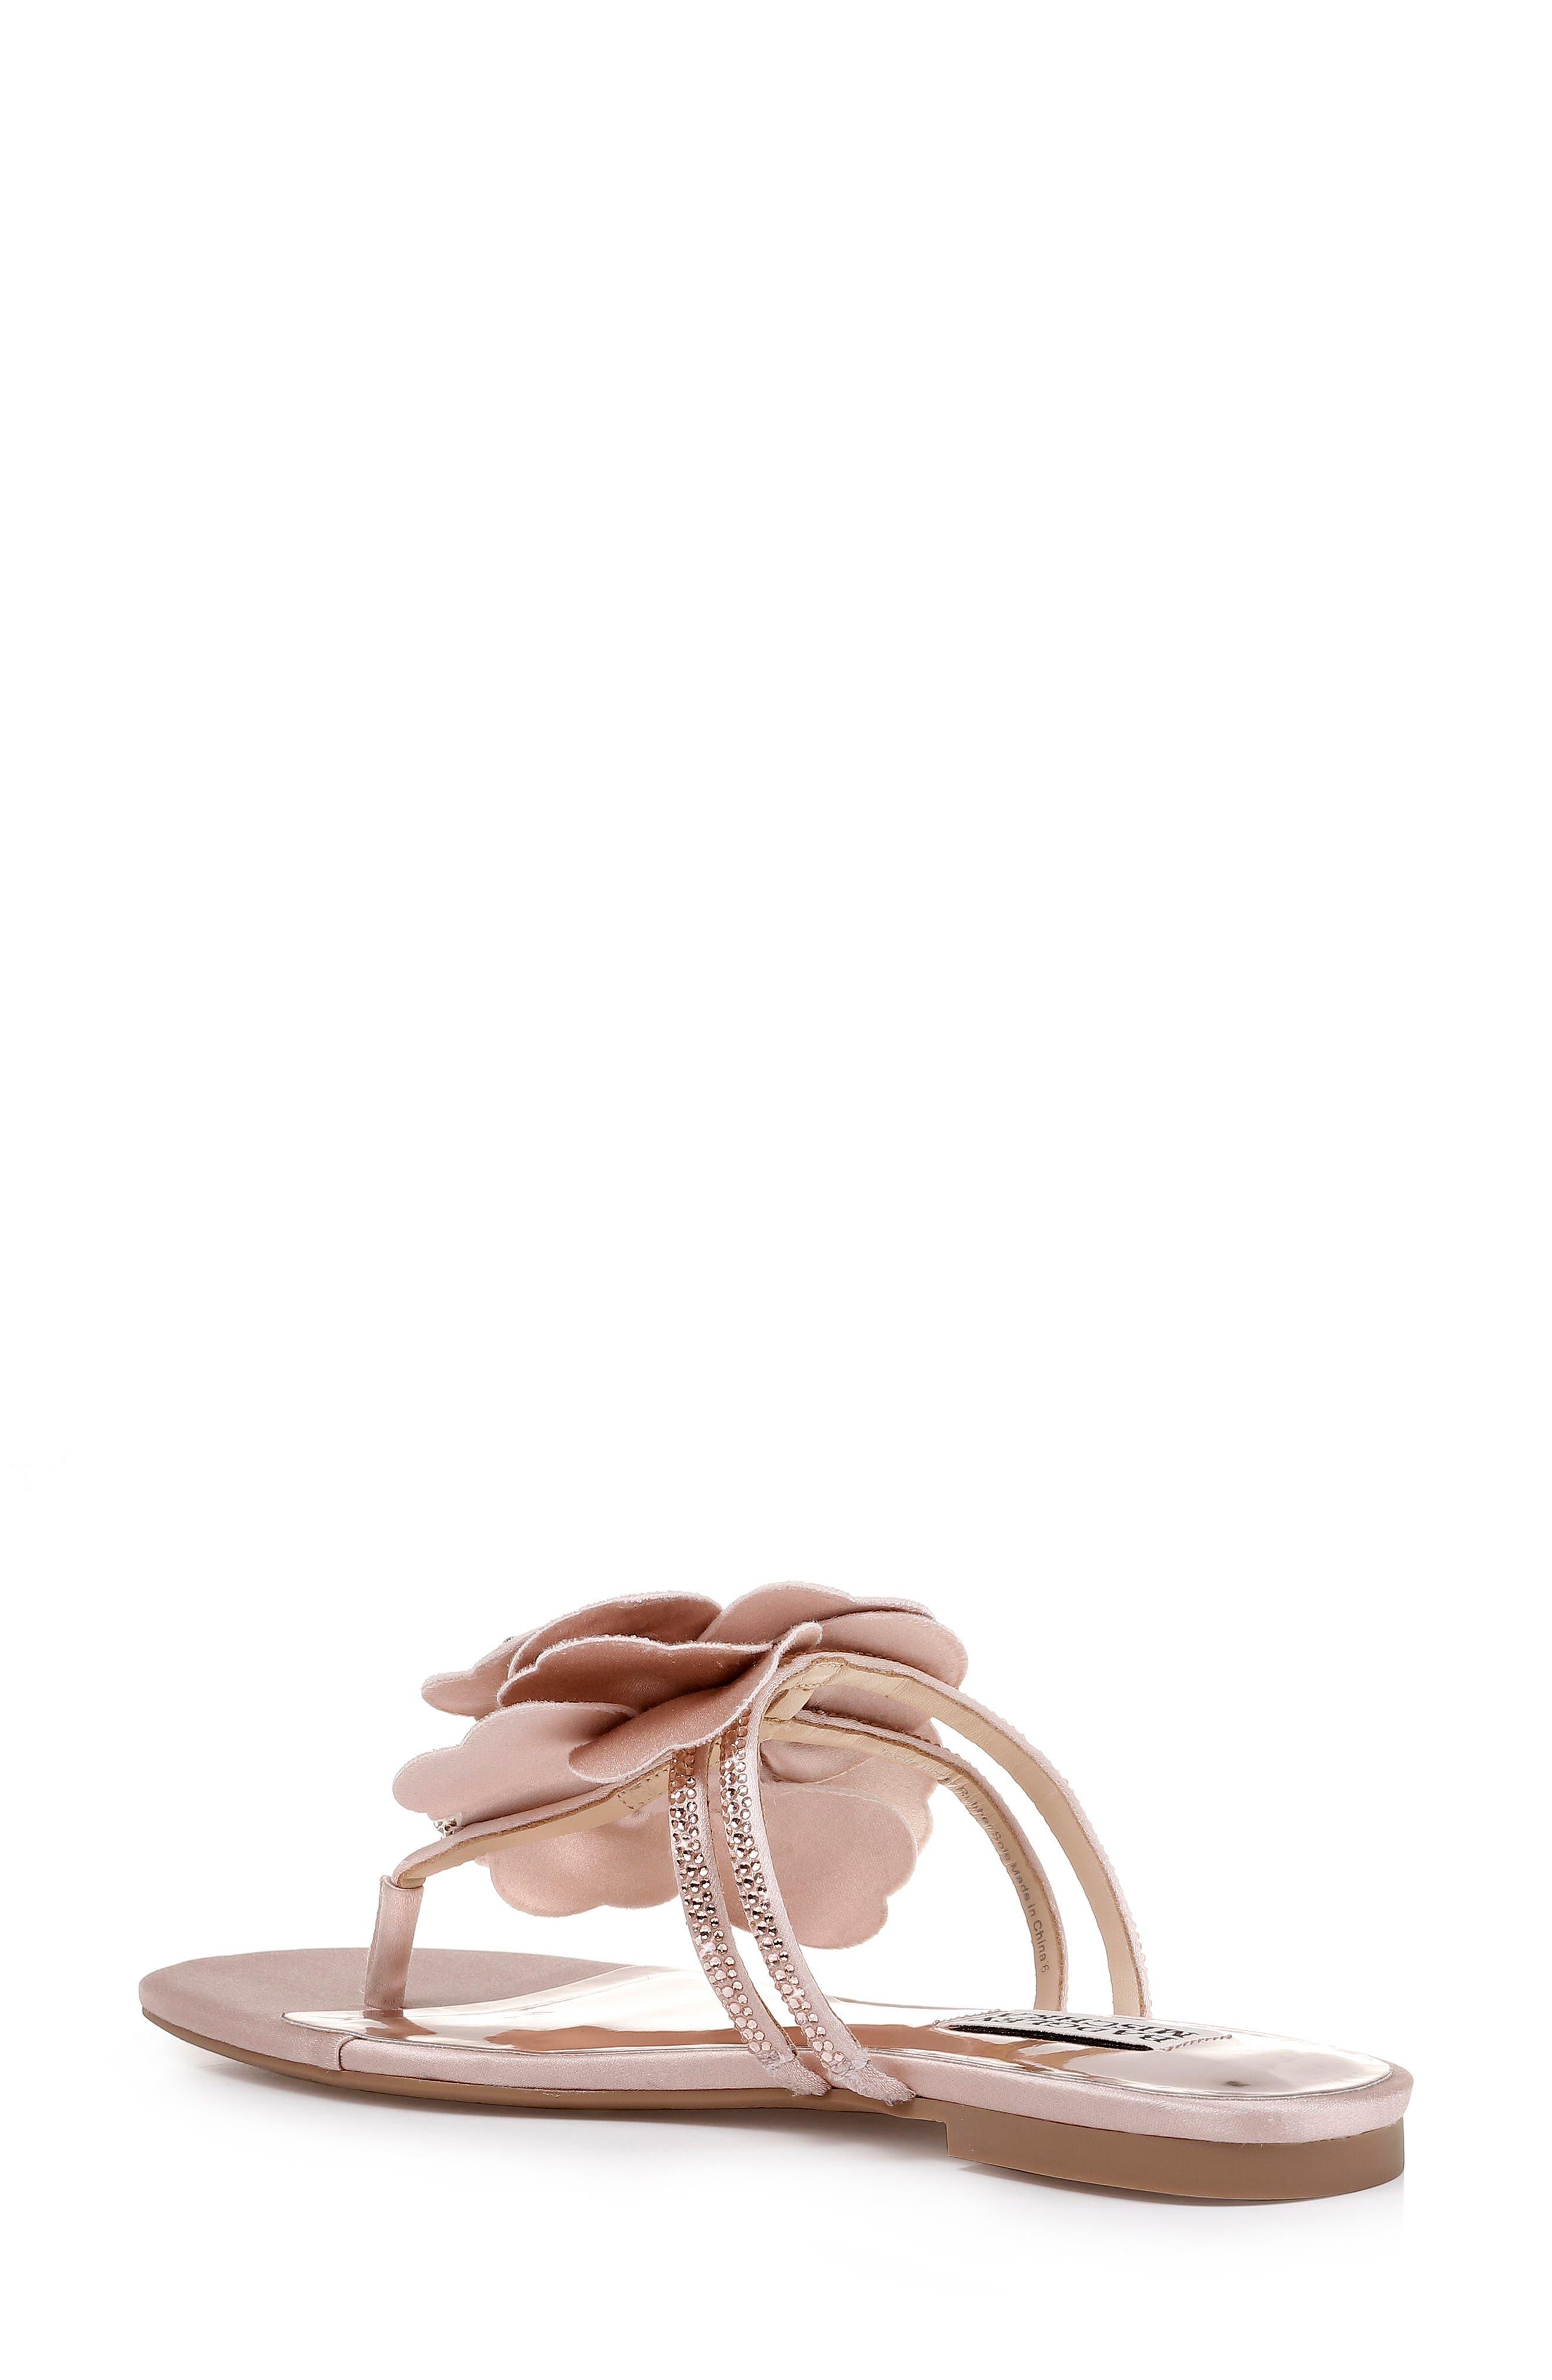 Badgley Mischka Laurie Embellished Slide Sandal,                             Alternate thumbnail 2, color,                             SOFT BLUSH SATIN